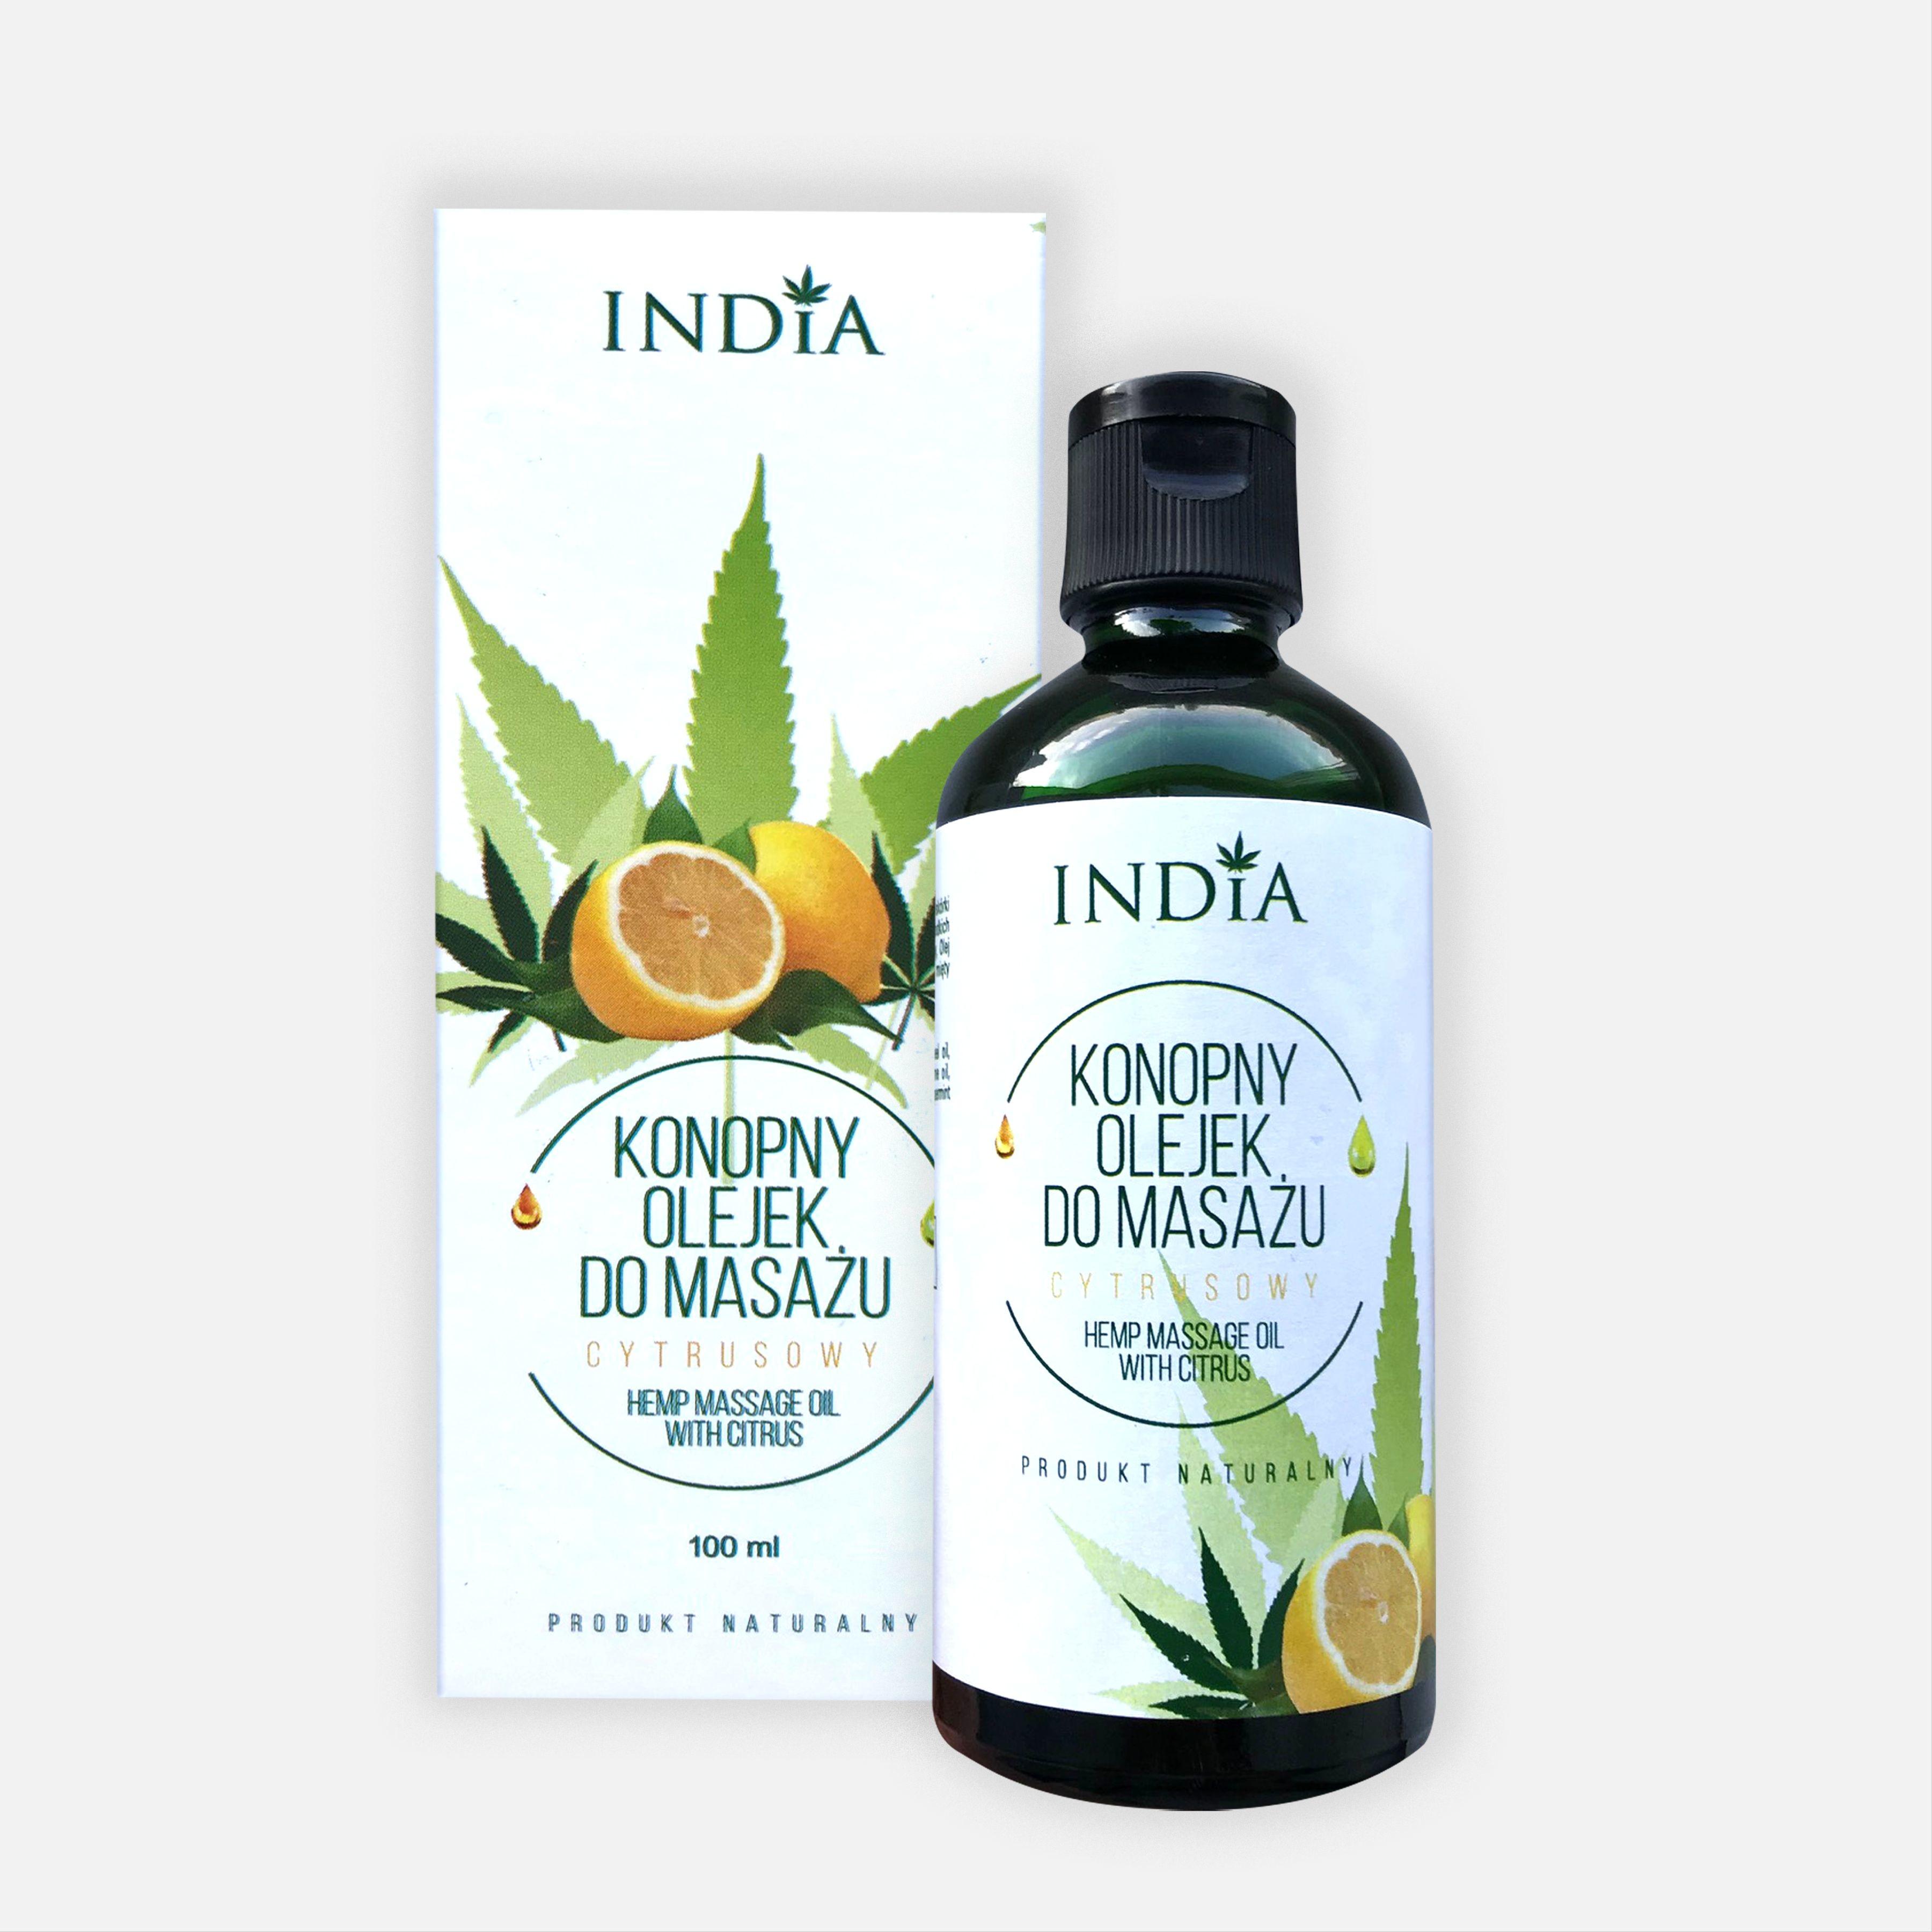 India cosmetics India konopny olejek do masażu cytrusowy 2822-60636